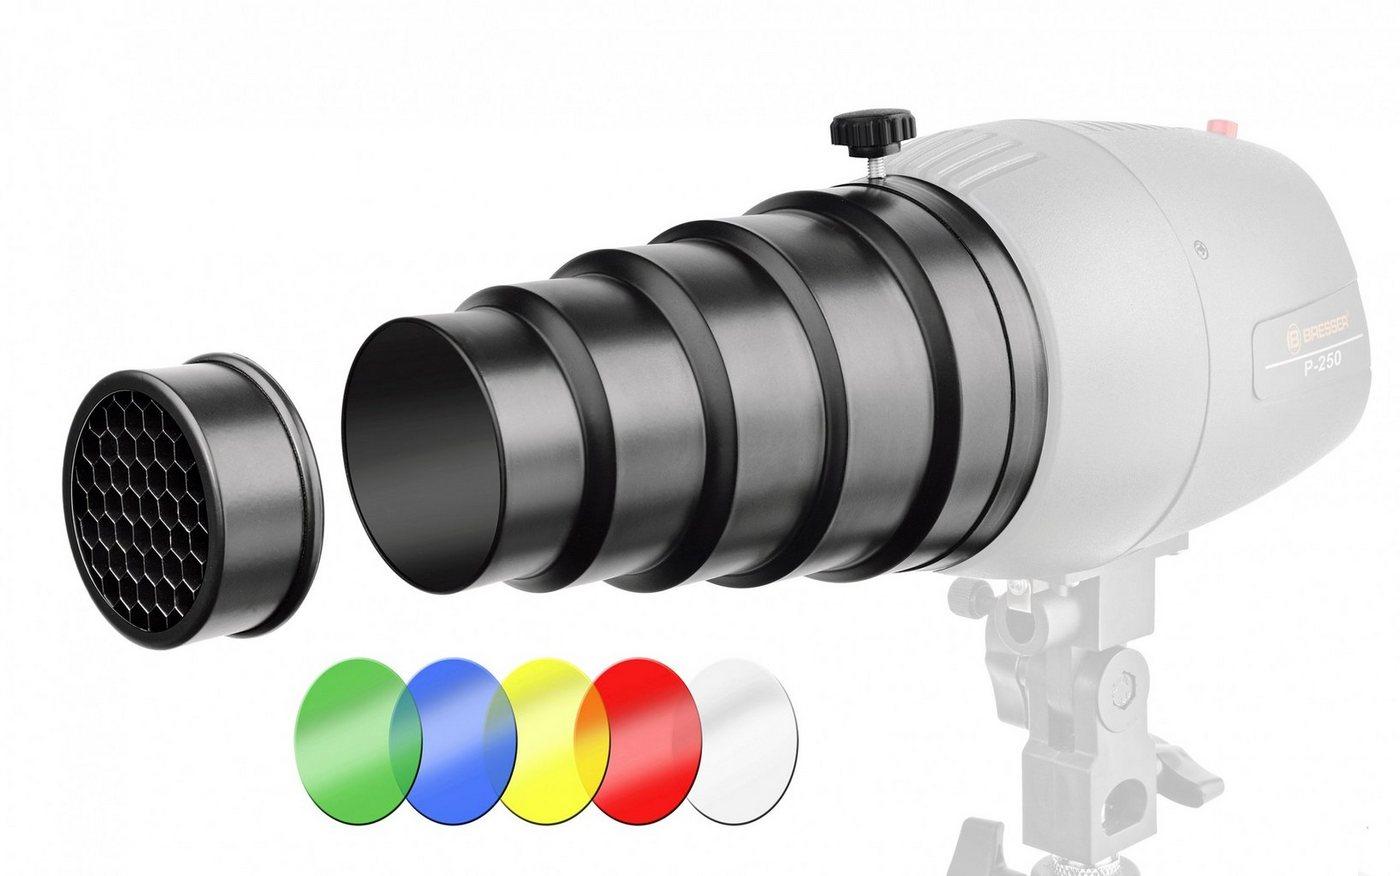 BRESSER Fotostudio »BRESSER M-30 Spotvorsatz Large für P-Serie« - Preisvergleich